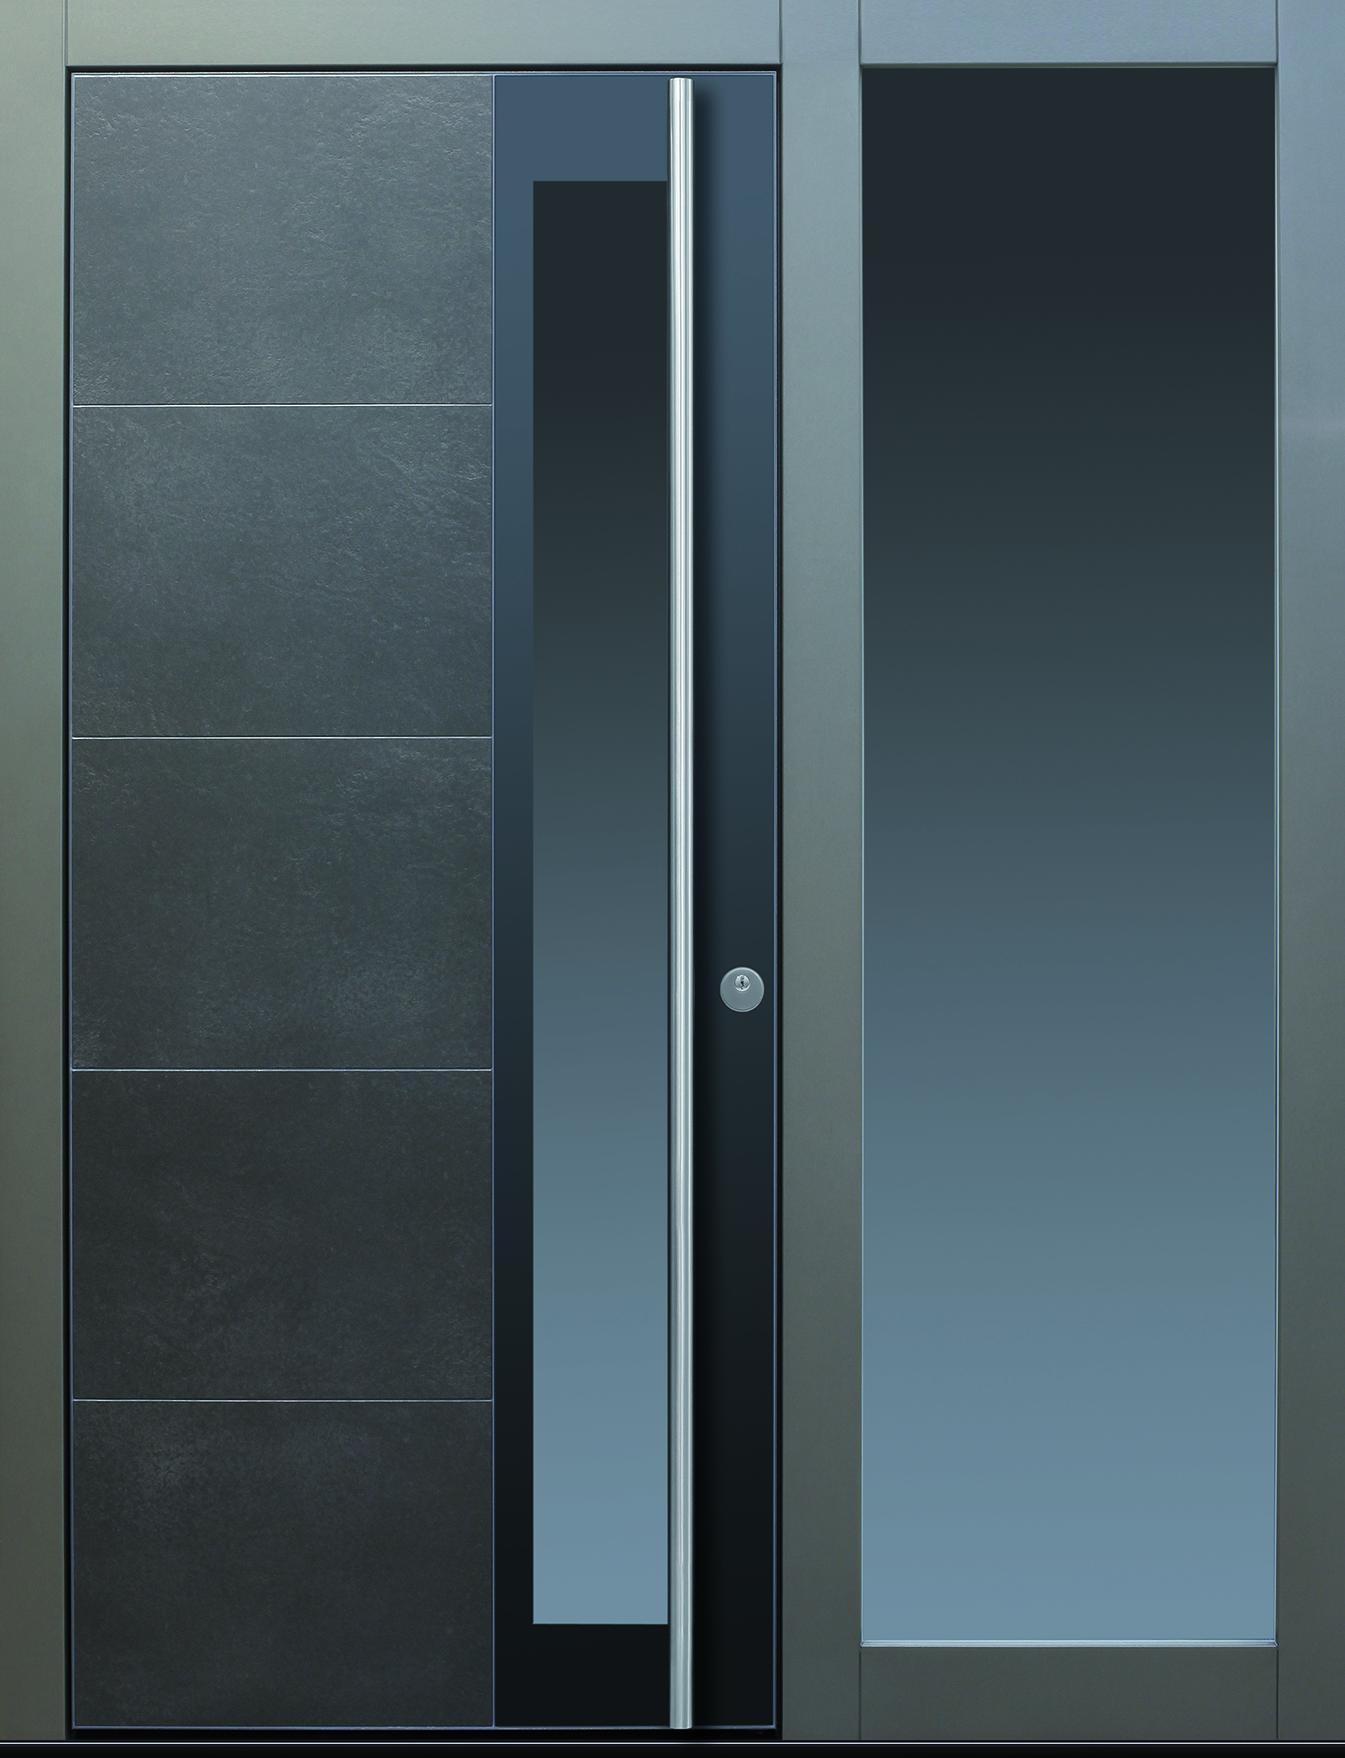 Haustüren modern grau mit seitenteil  TOPIC - Haustüren von Meisterhand TOPIC Haustüren u. Wohnungstüren ...